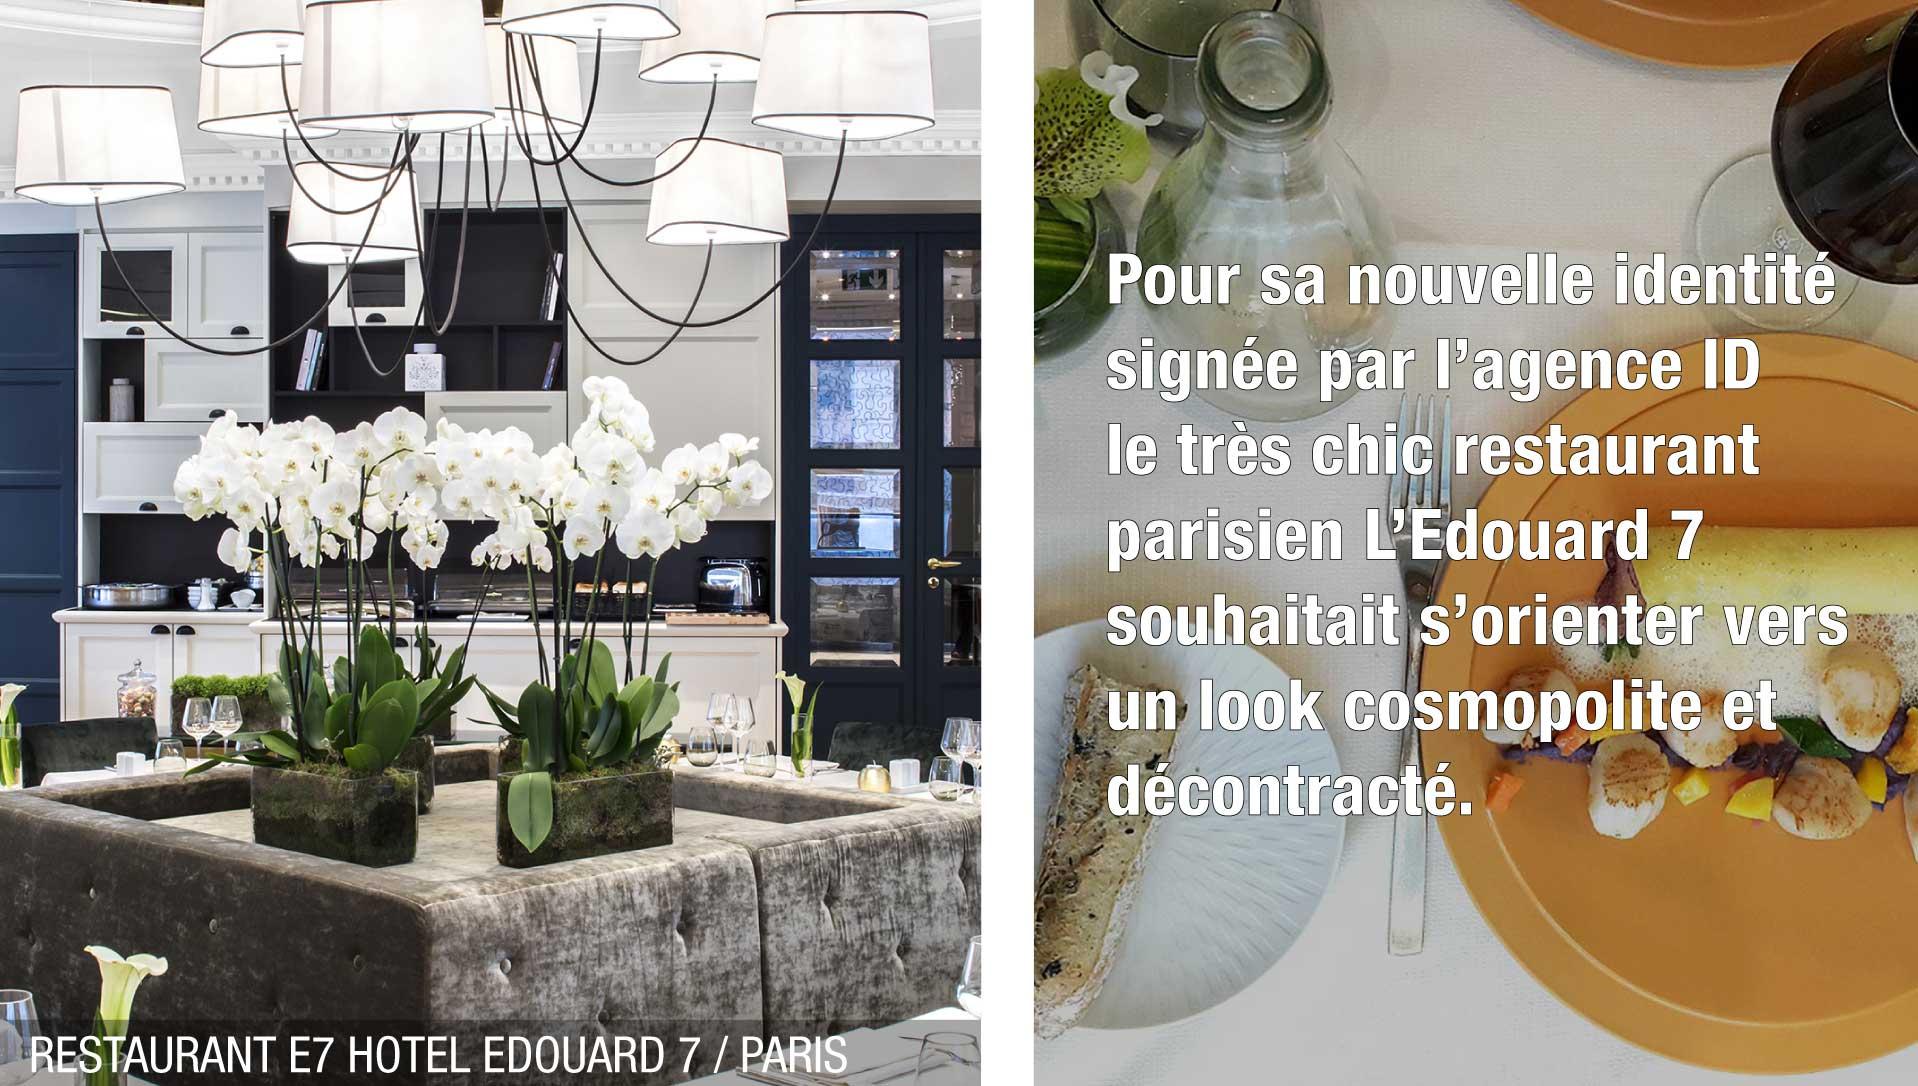 restaurantedouard7-1